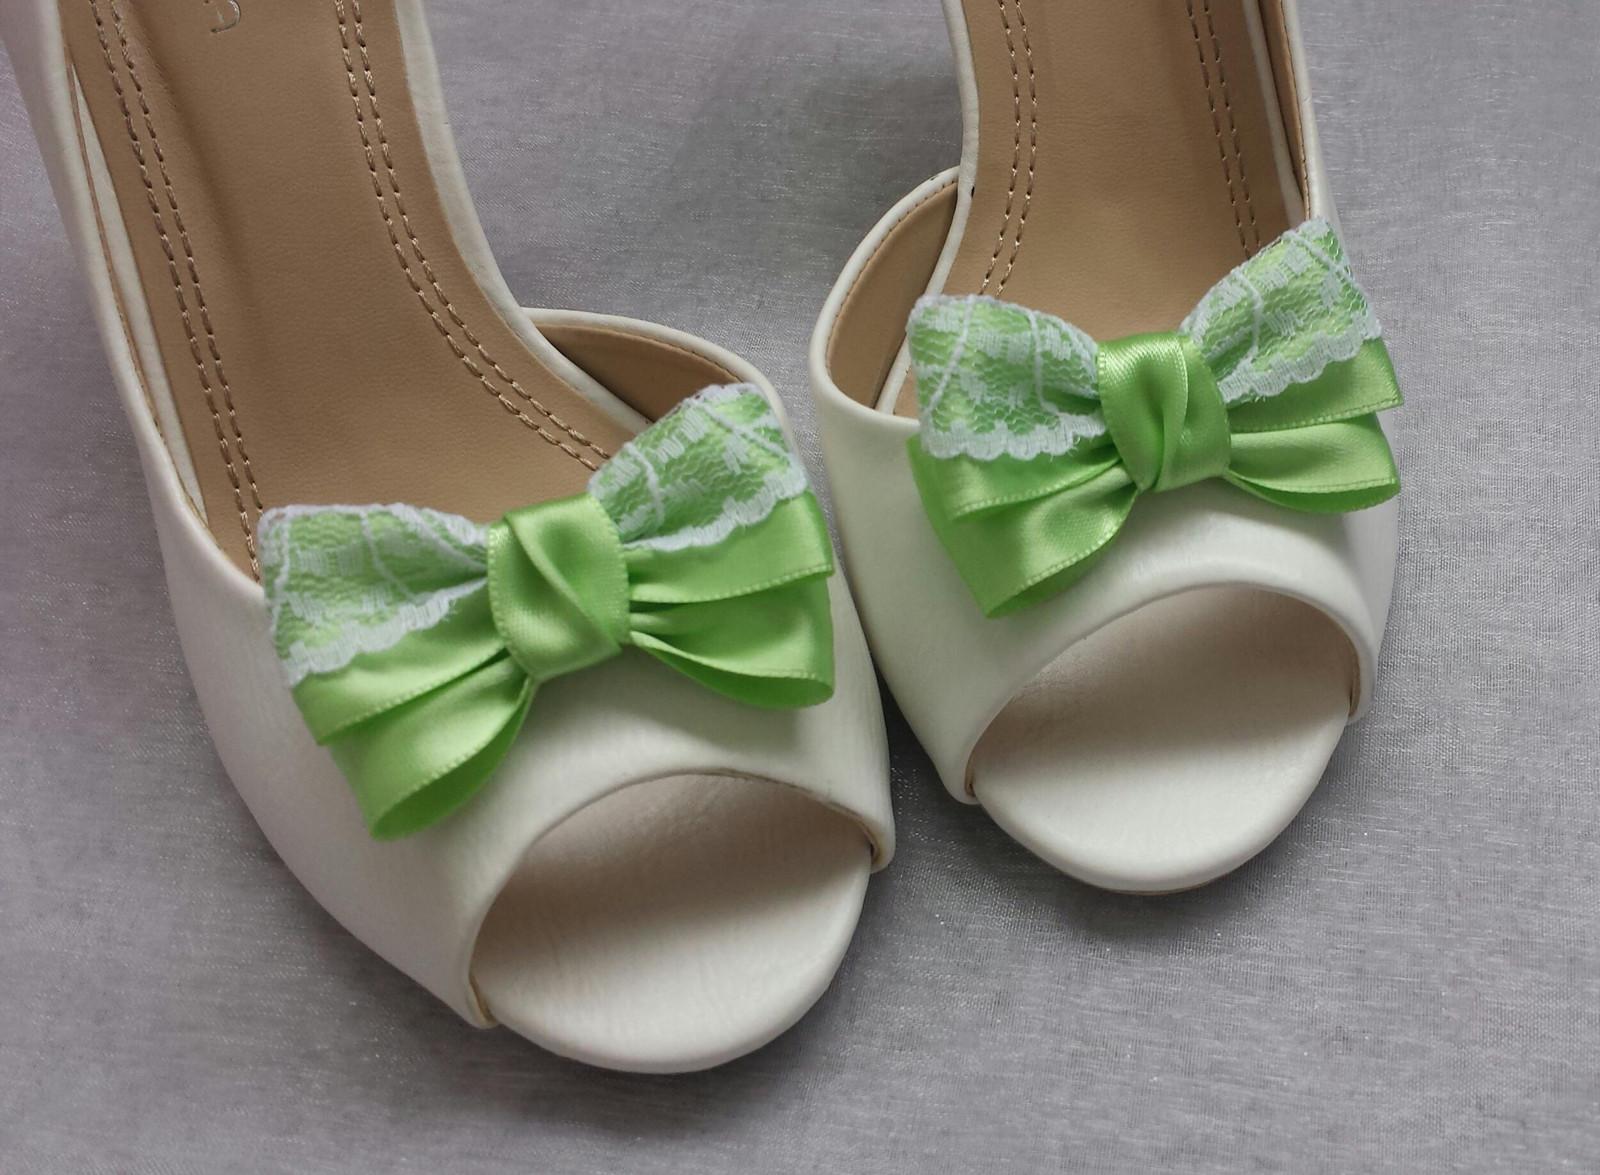 Klipy na boty s krajkou odstín dle přání - Obrázek č. 4